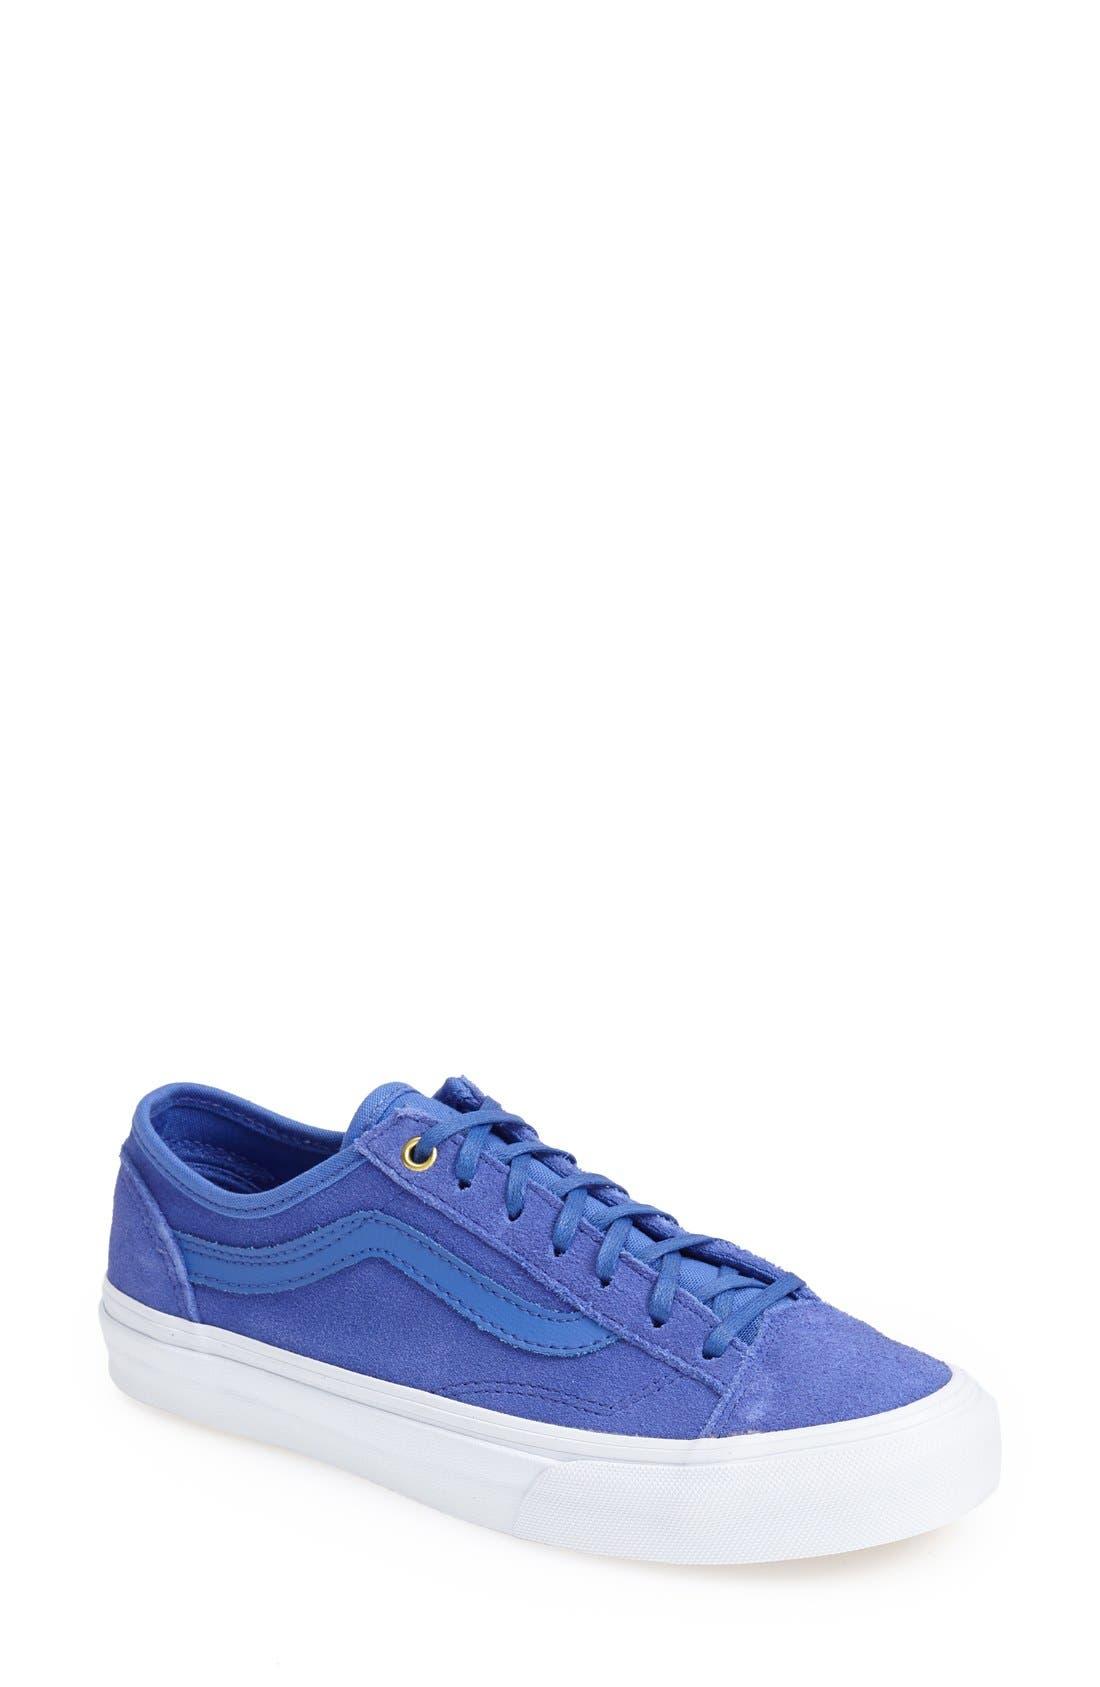 Main Image - Vans 'Style 36' Slim Sneaker (Women)